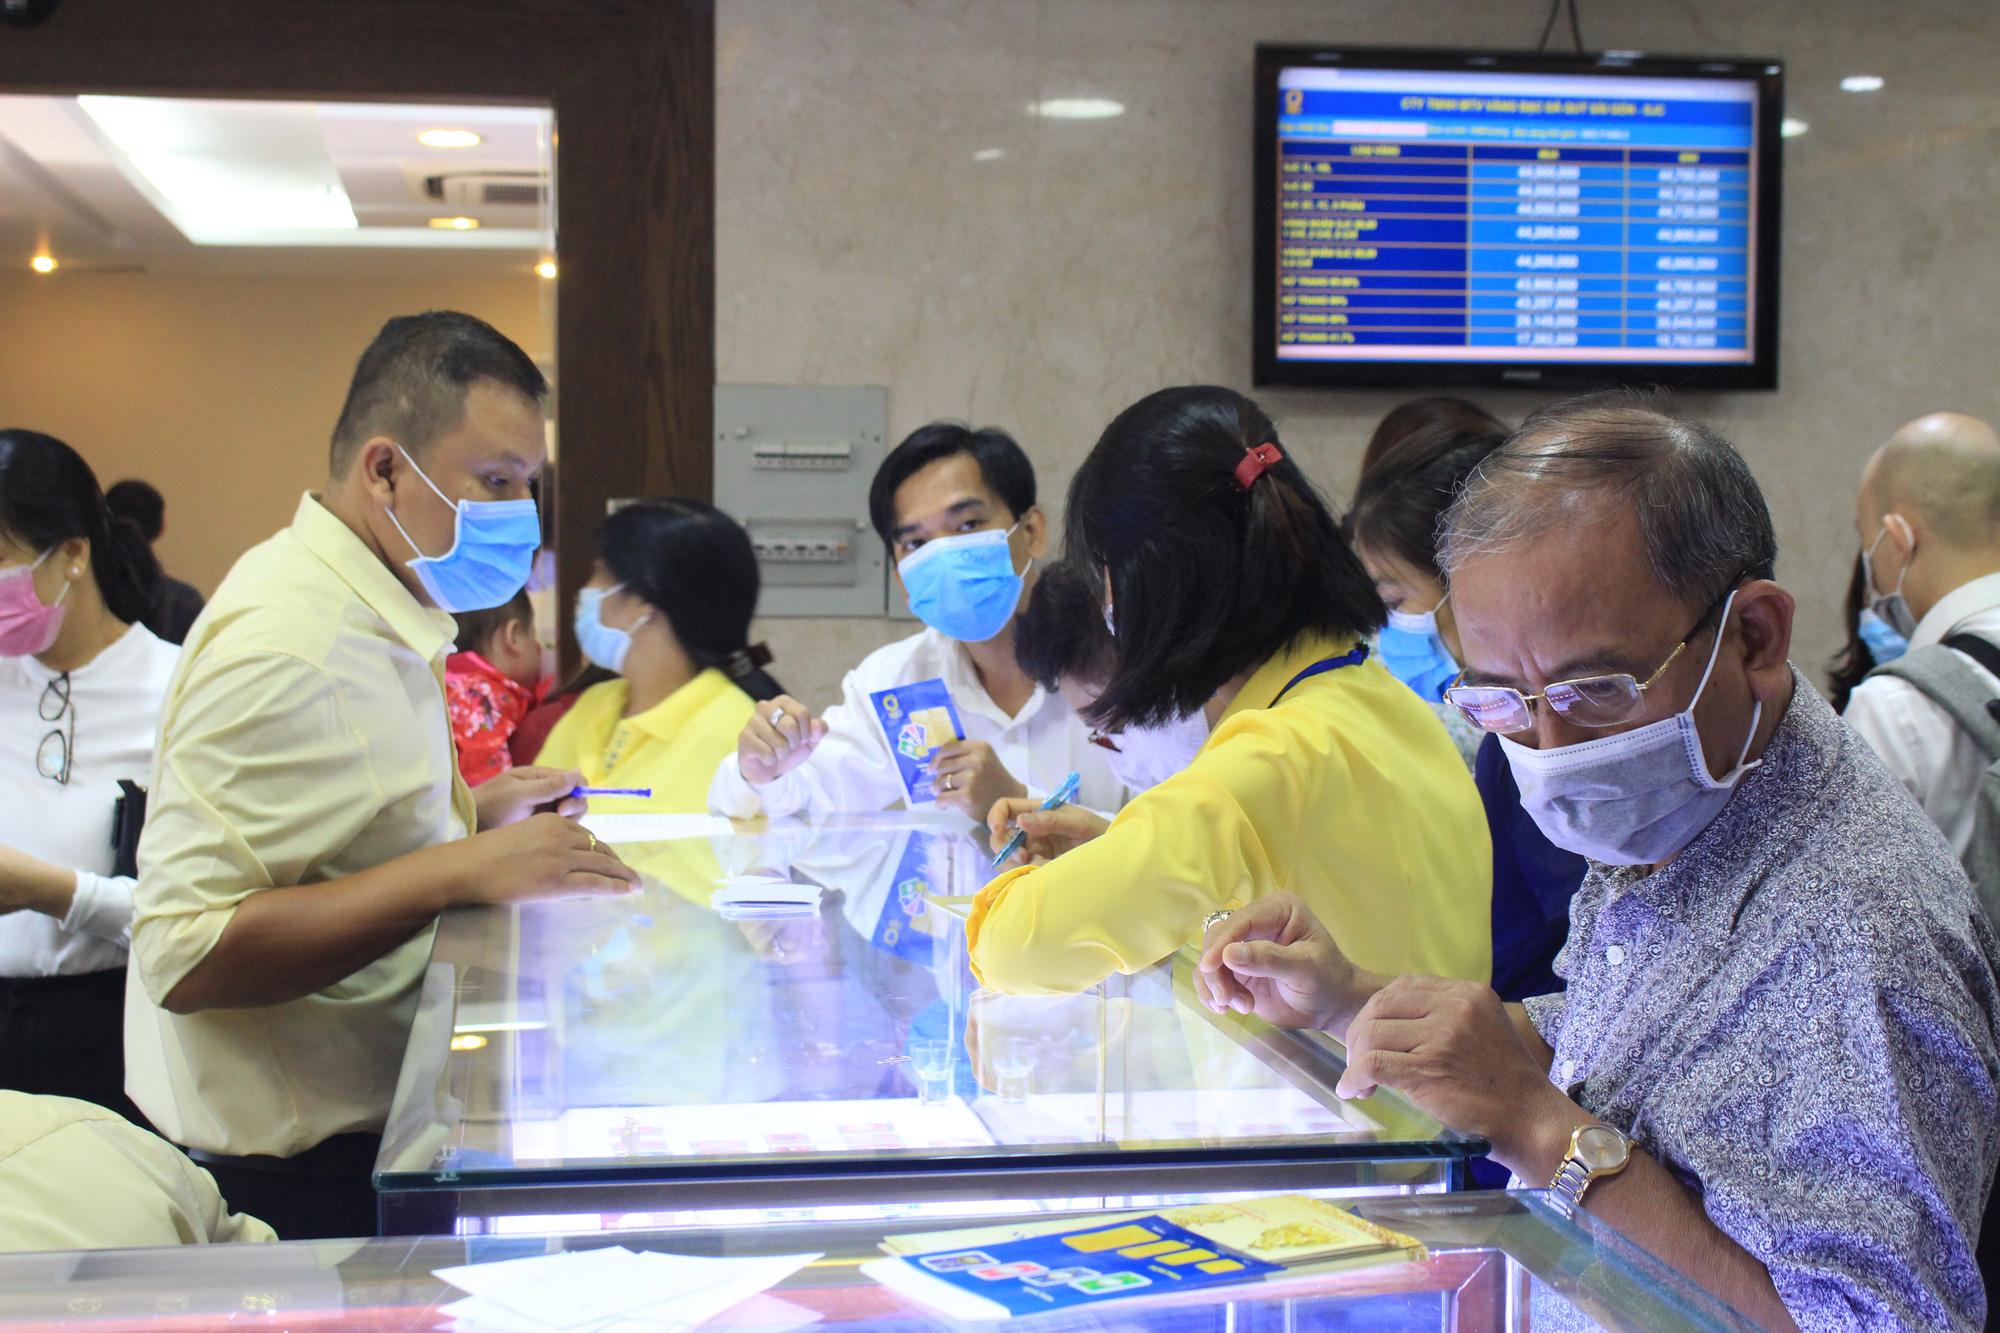 Giá vàng bật tăng trở lại vào cuối tuần, bán ra lên đến 44,2 triệu đồng mỗi lượng - Ảnh 1.